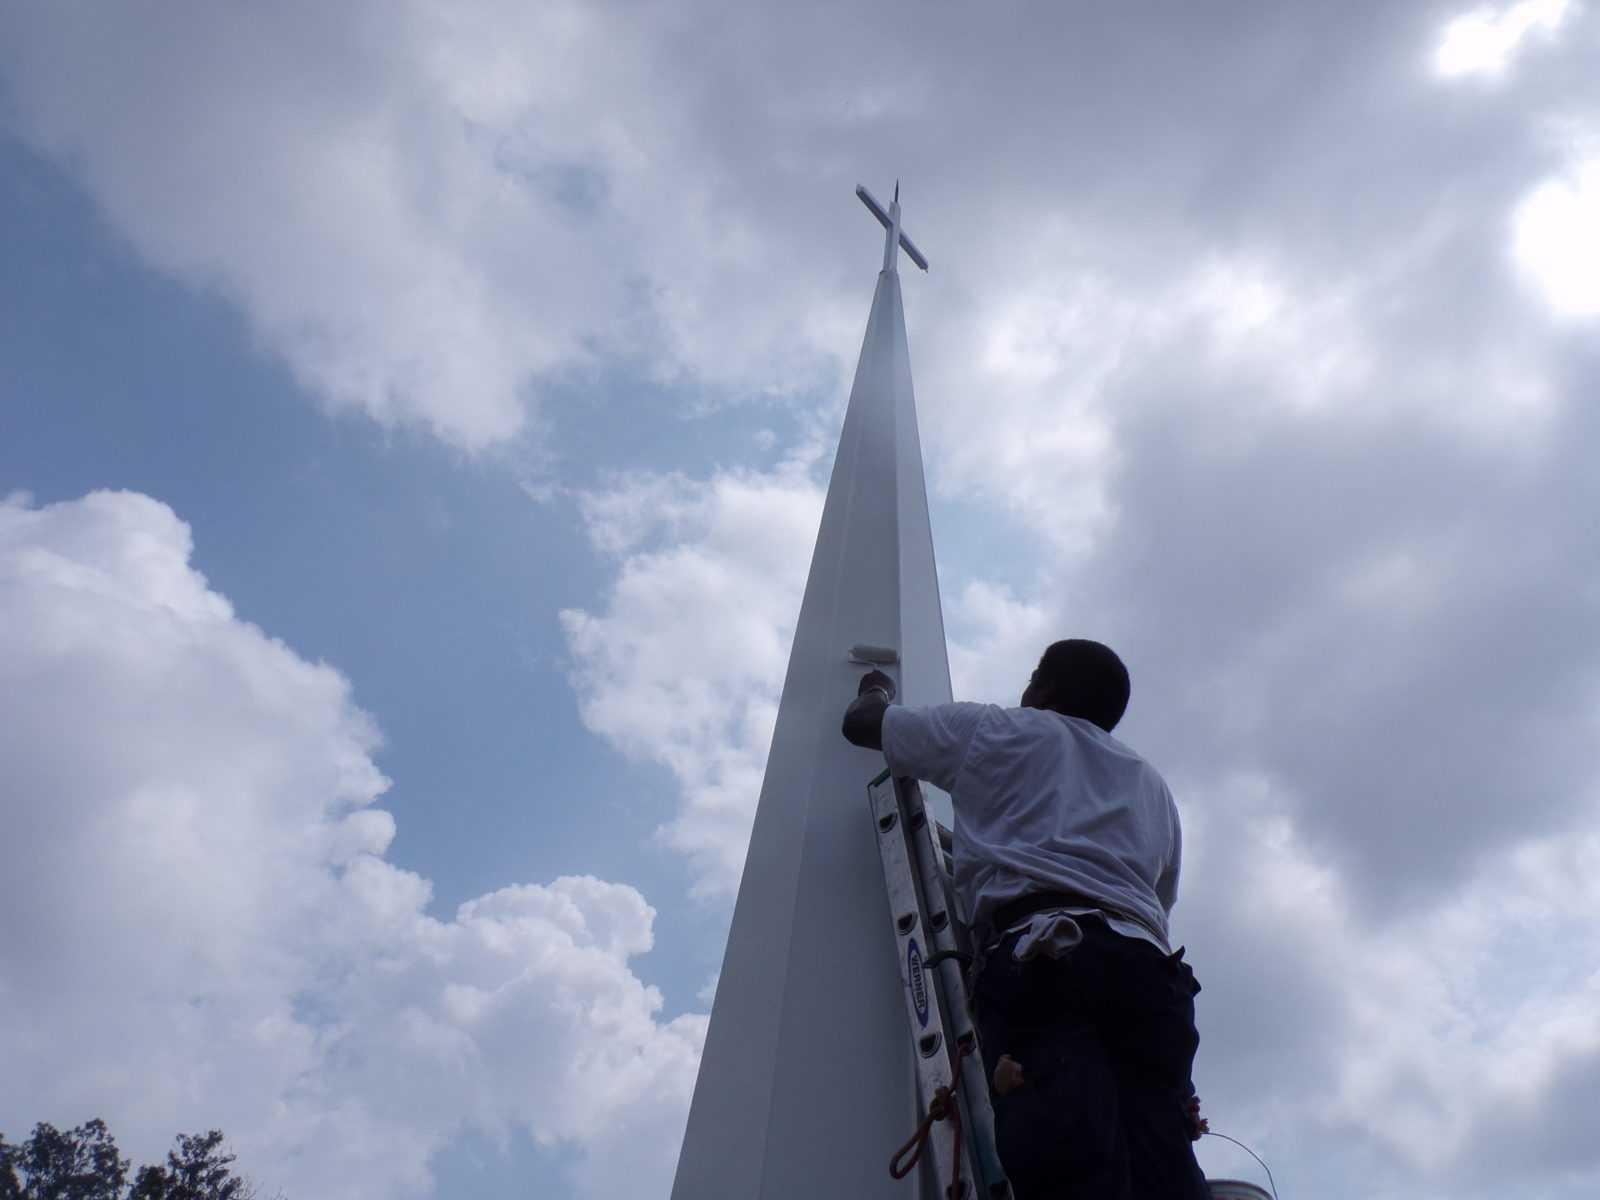 Painting fiberglass steeple